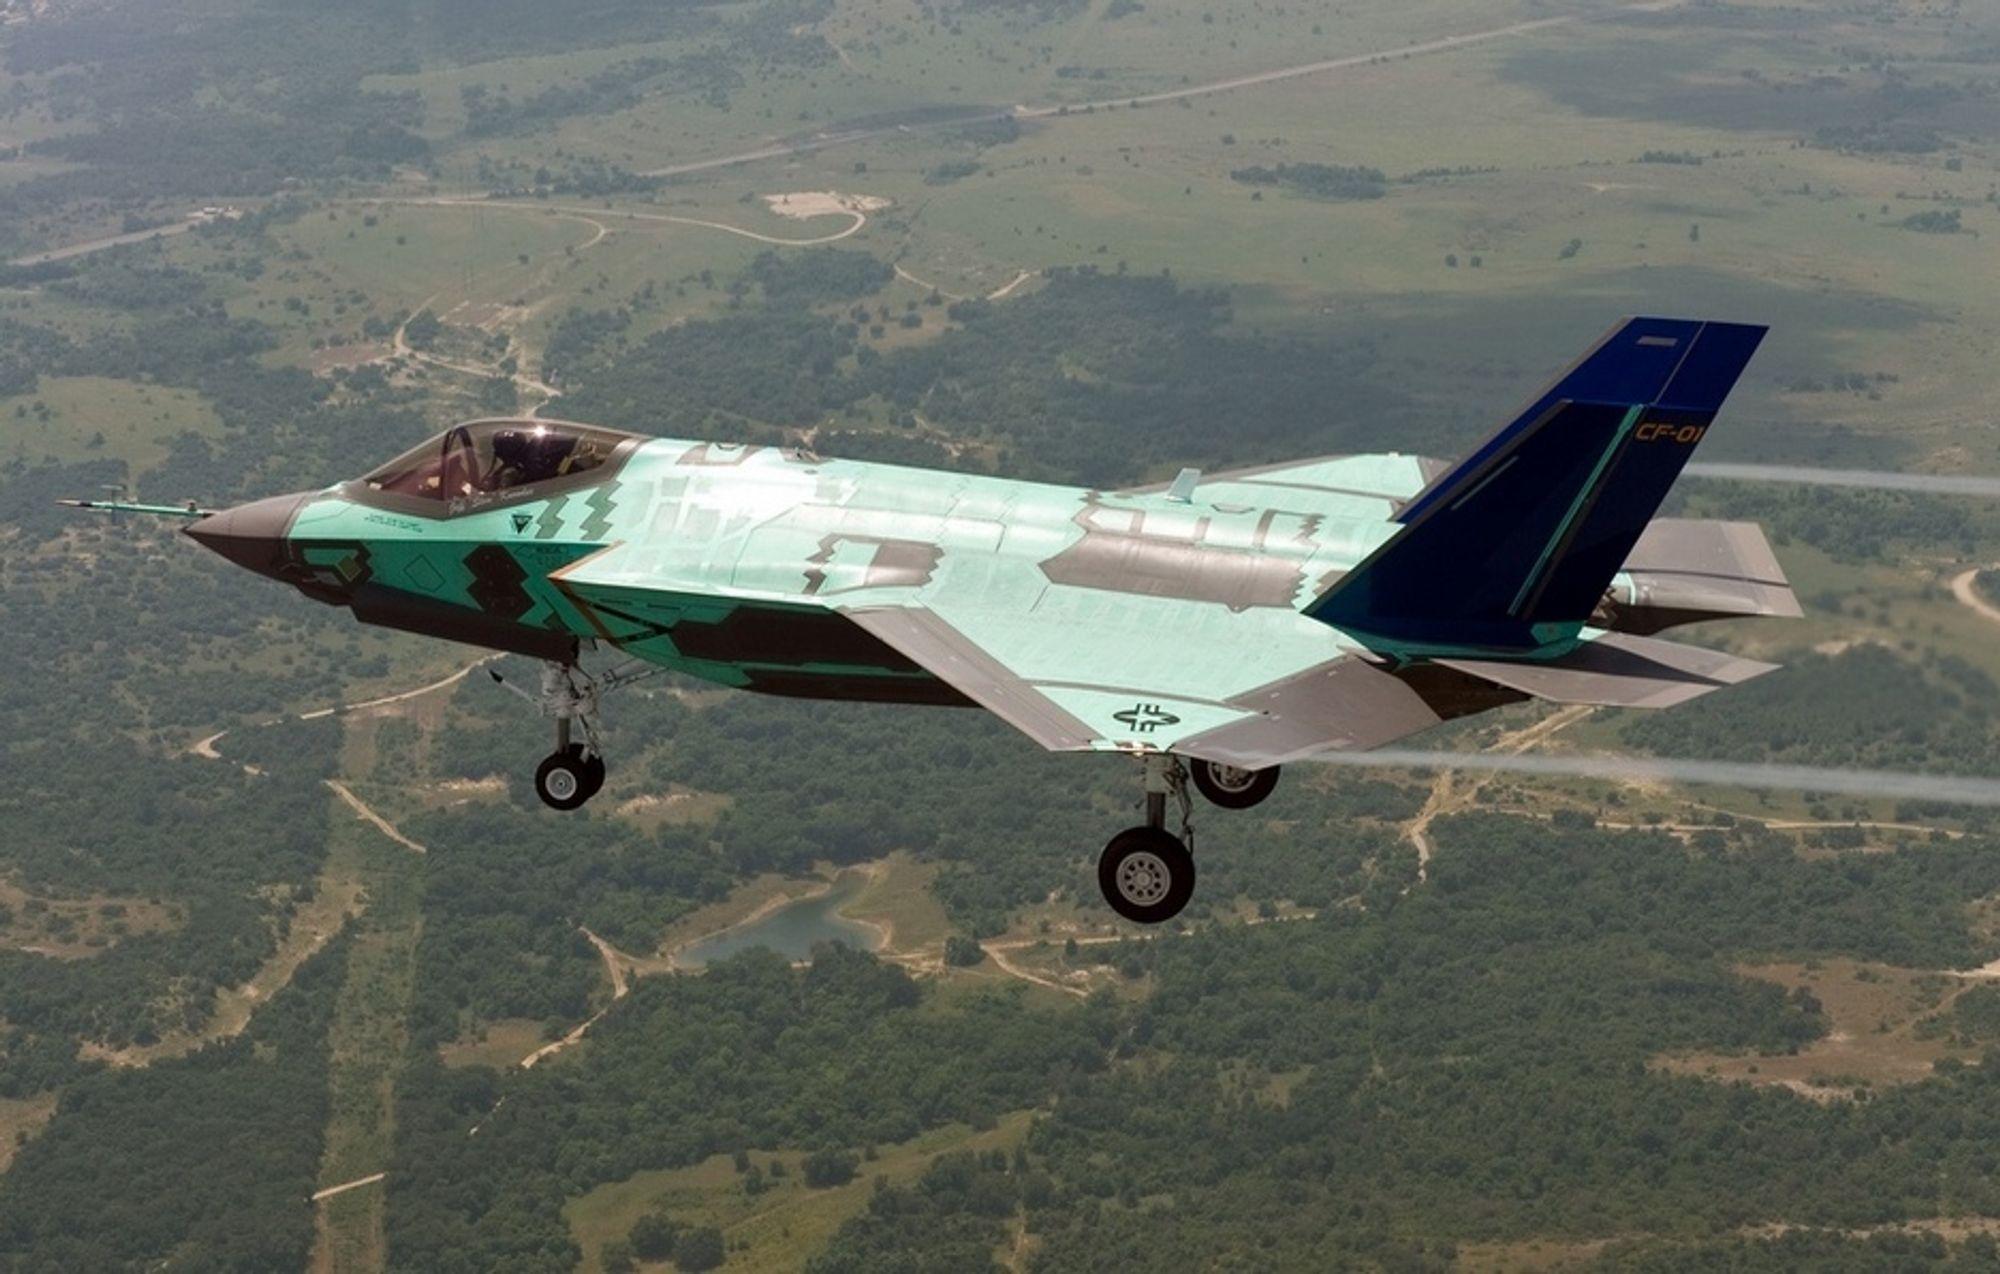 Hangarskipvarianten av F-35 fløy første gang 6. juni i år. Dette er CF-01.